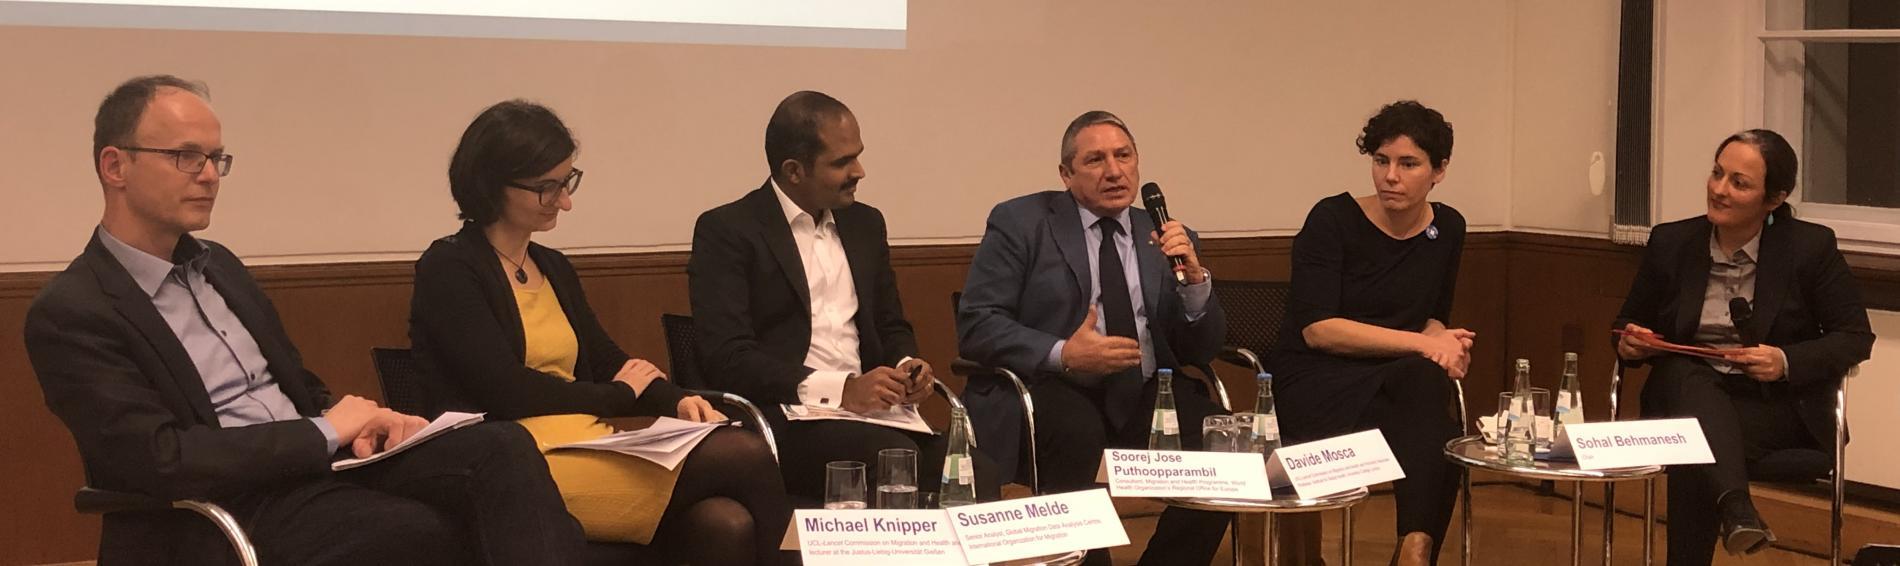 Vertreter von The Lancet, Ärzte der Welt und der Universität Gießen diskutieren in Berlin. Foto: Ärzte der Welt